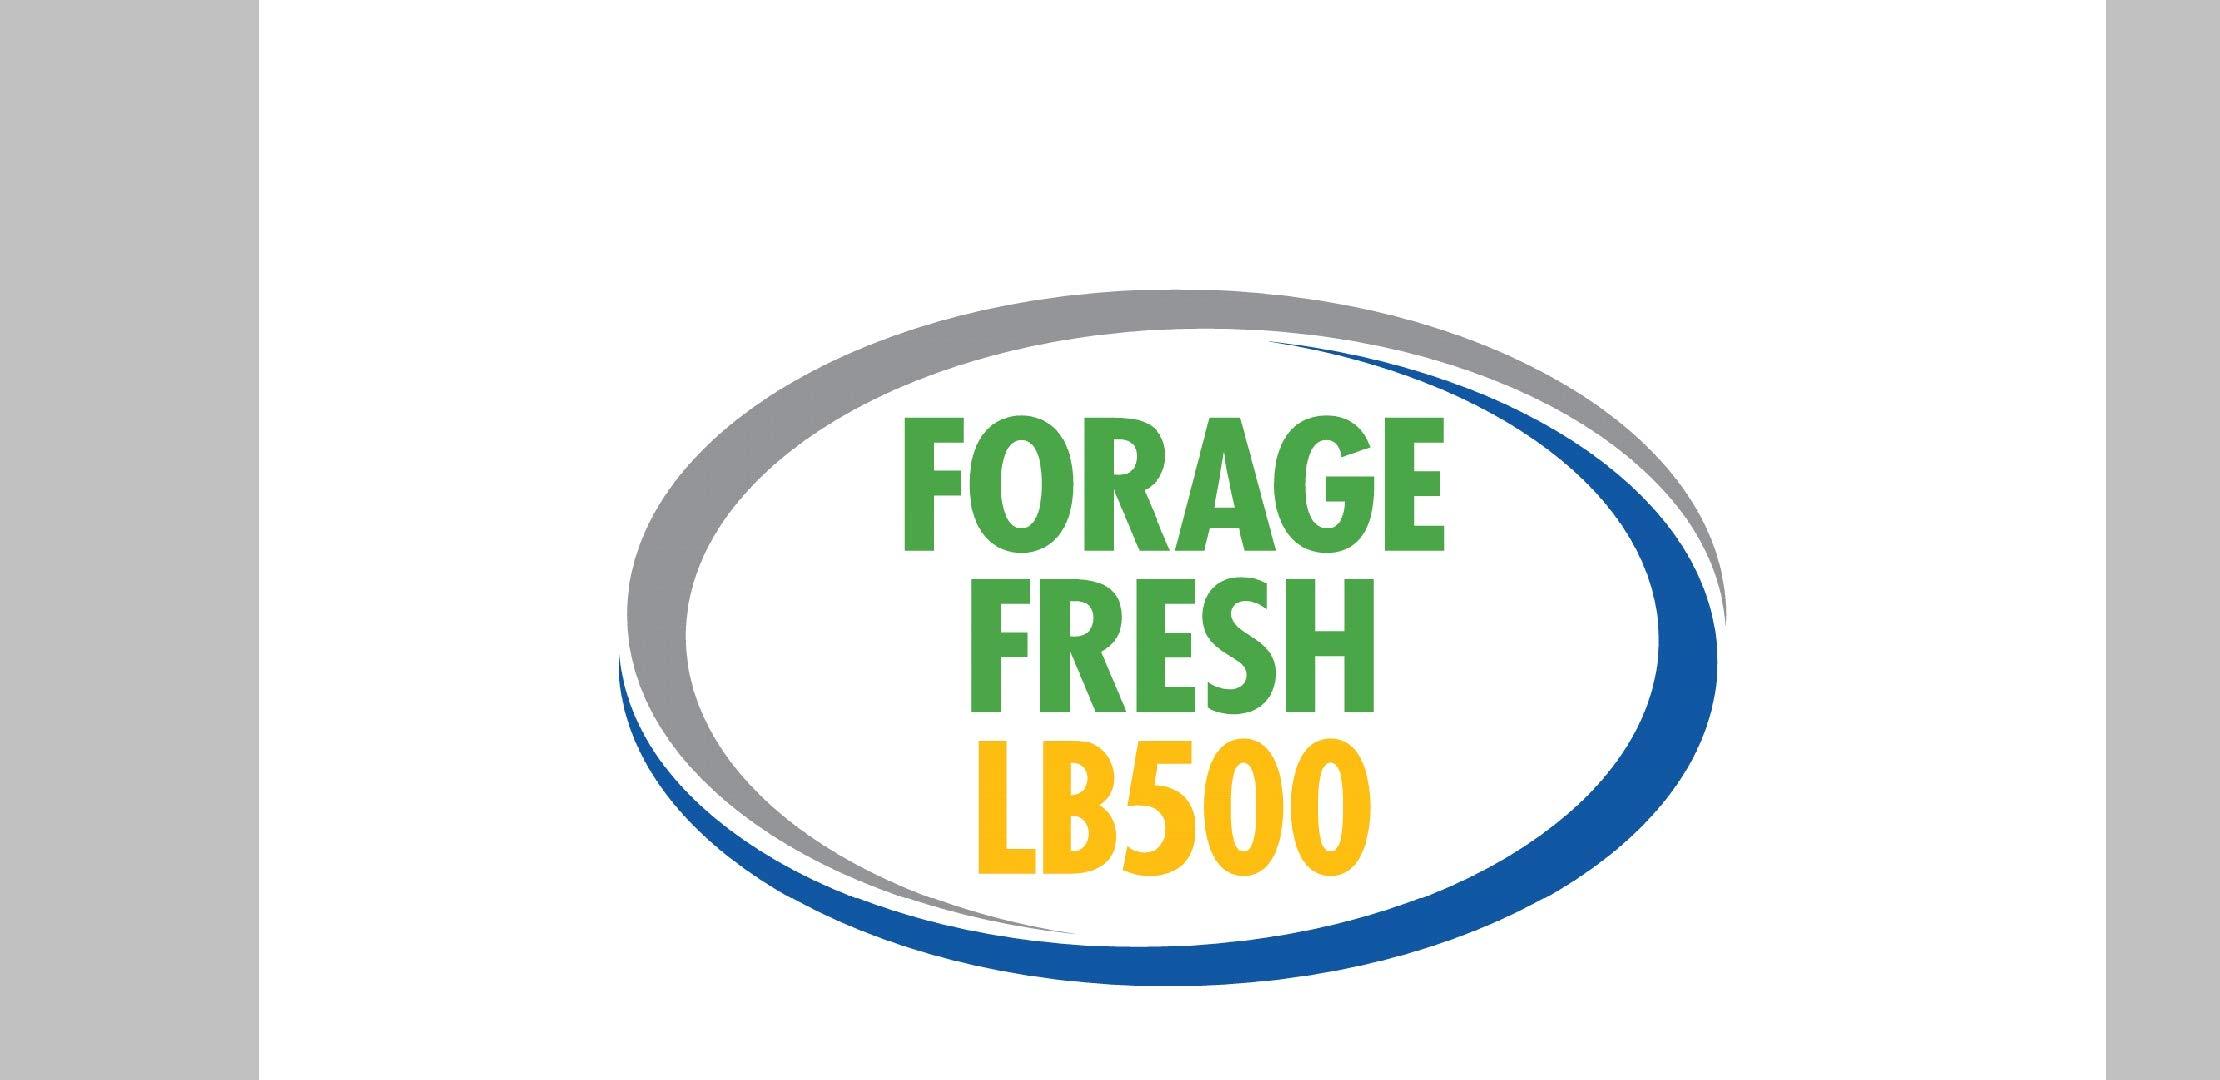 Forage Fresh LB-500 Silage Inoculant by The Forage Source, LLC